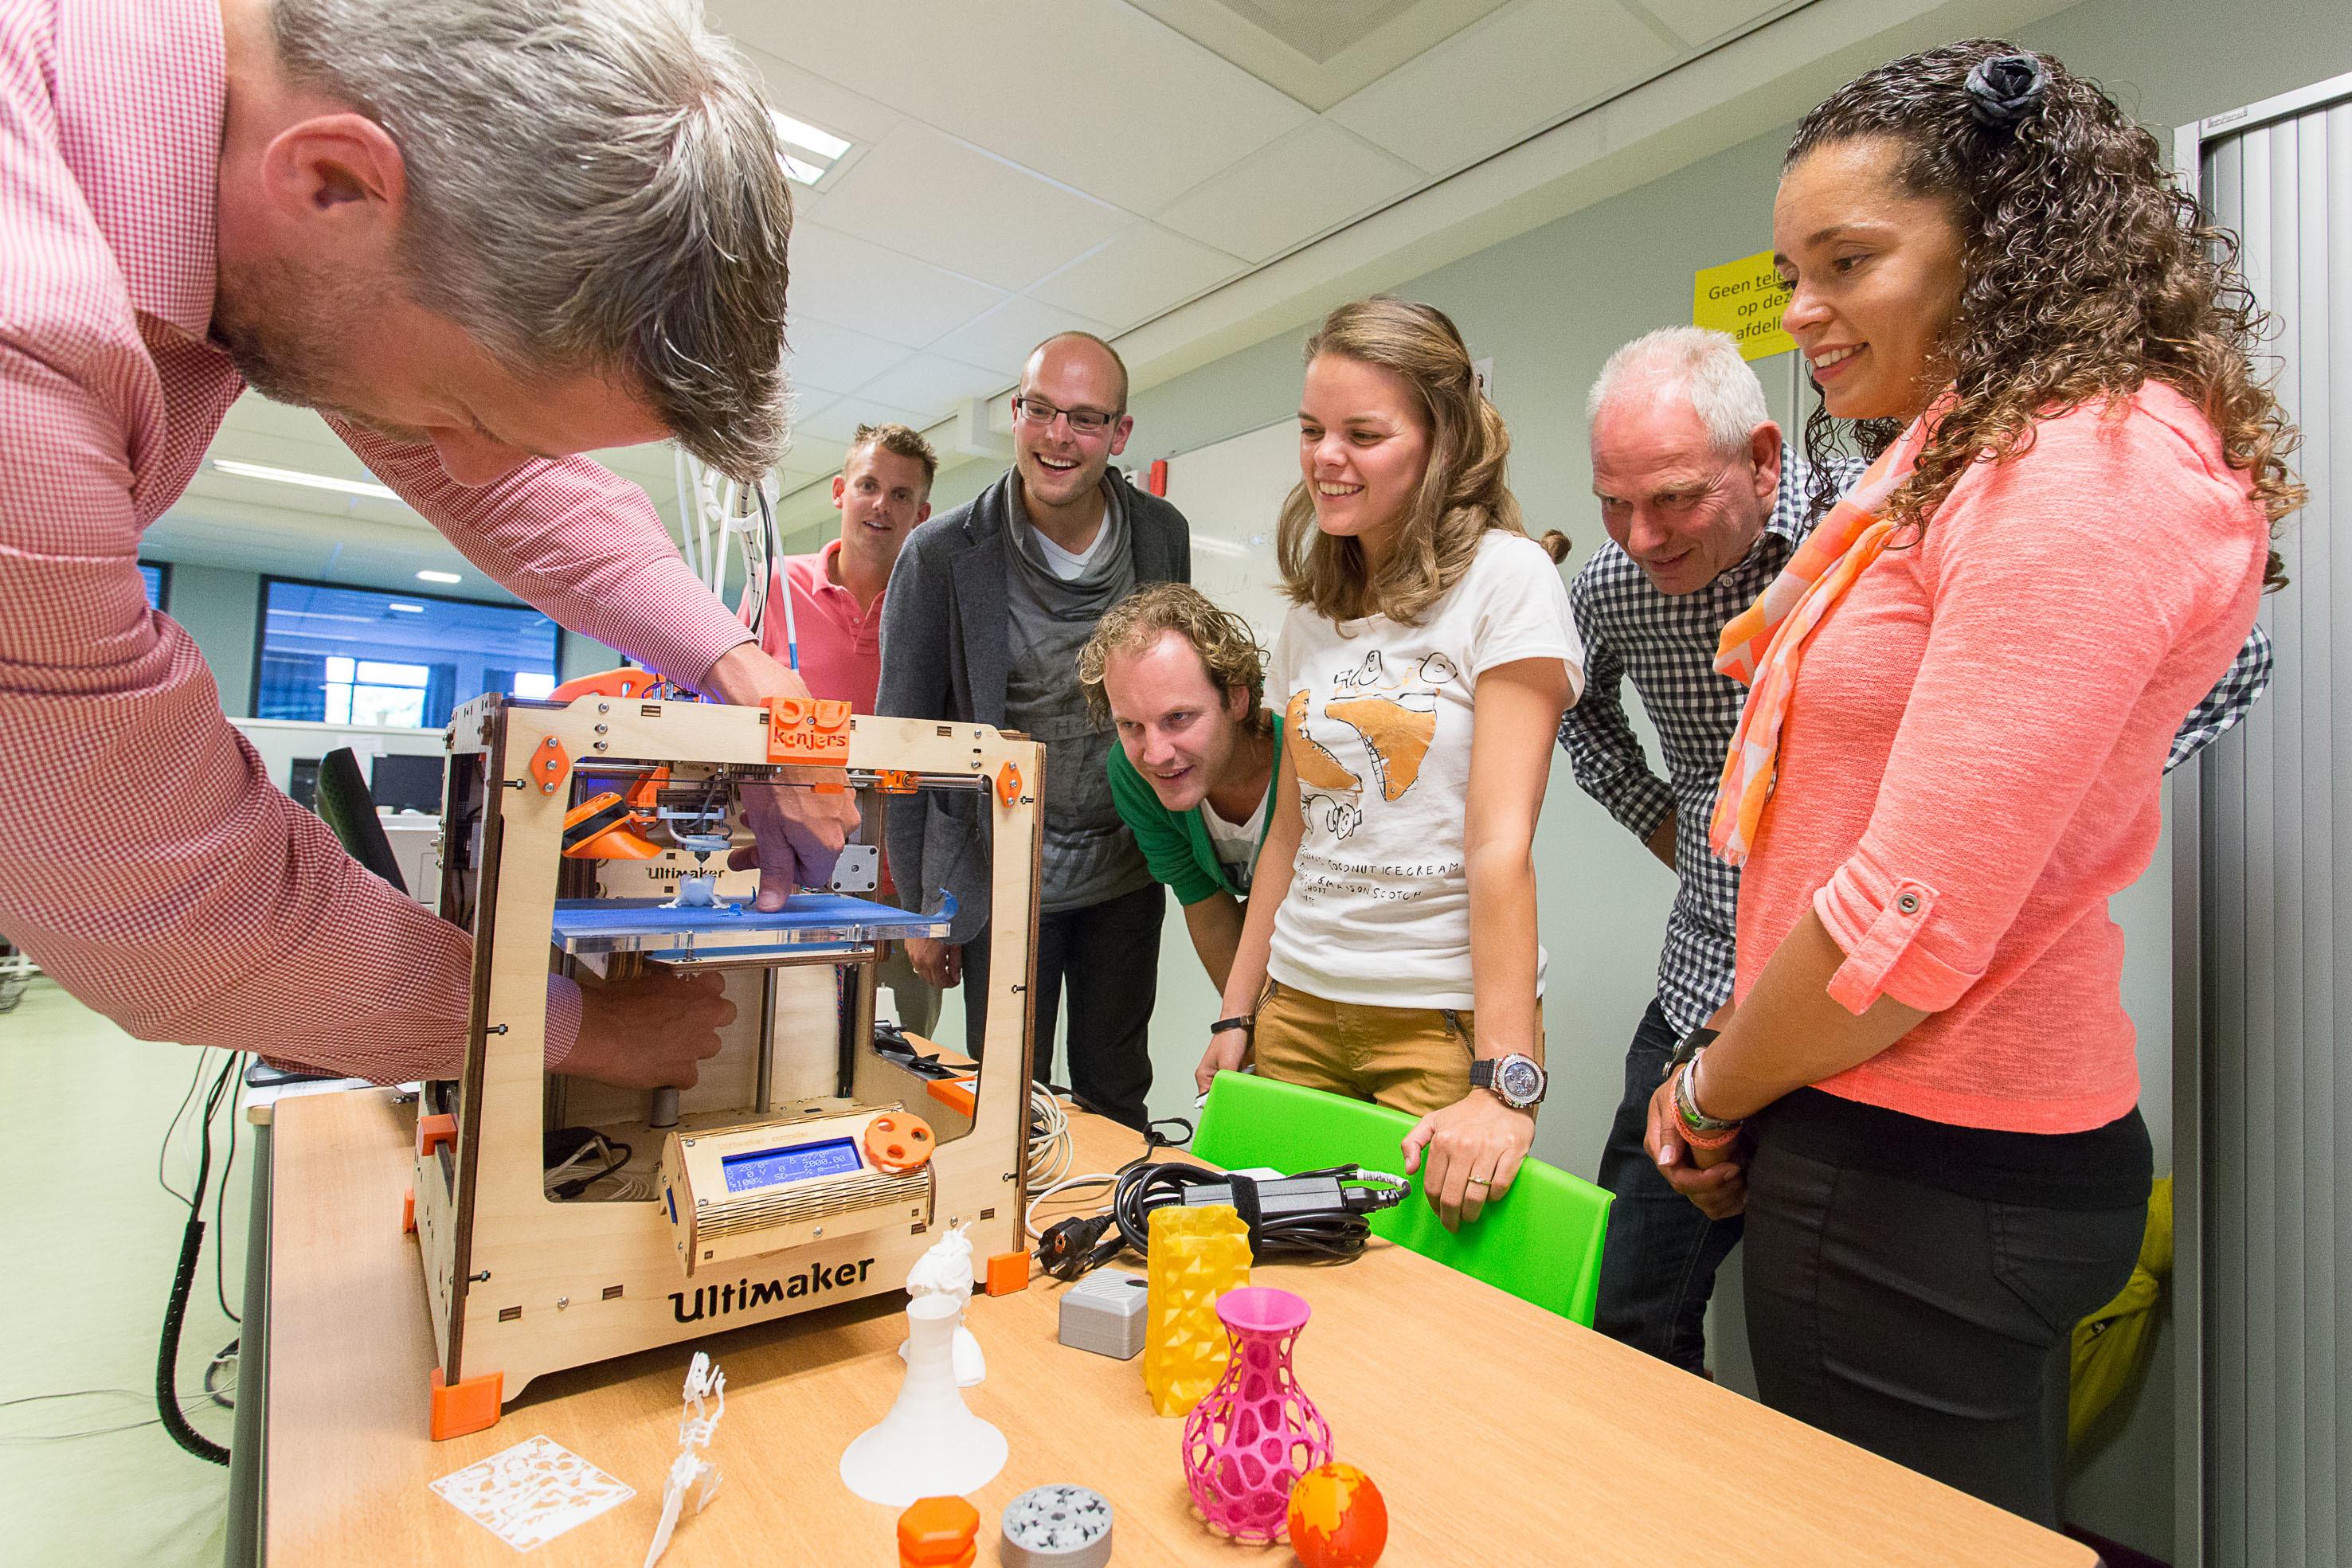 Ontwerpen in 3D: Van Printer naar Maker met 3Dkanjers 00016